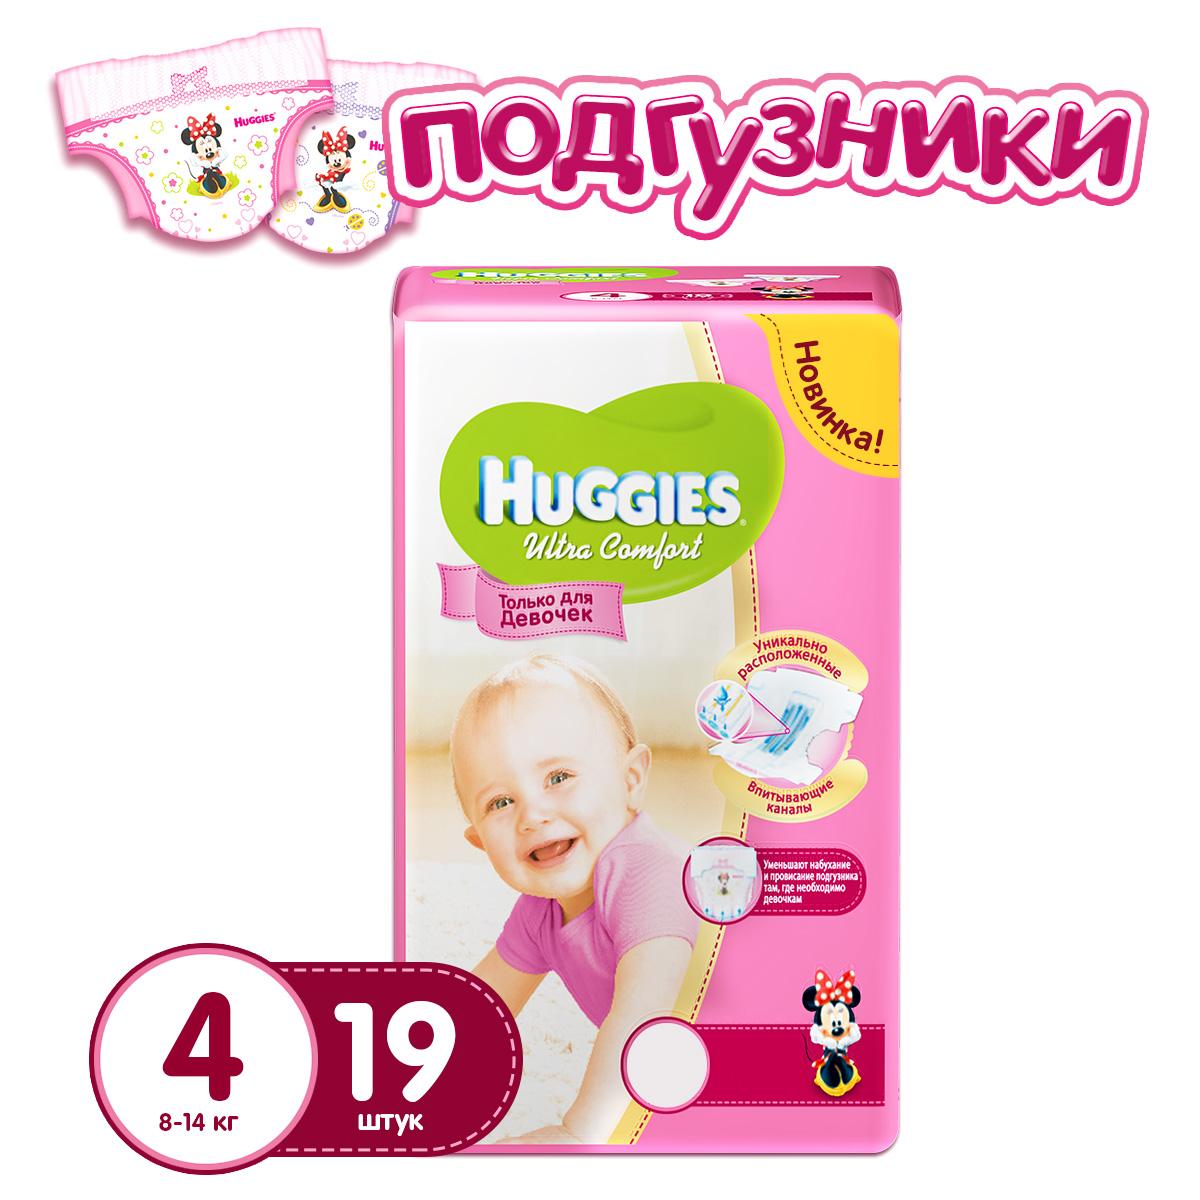 Подгузники Huggies Ultra Comfort Conv Pack для девочек 8-14 кг (19 шт) Размер 4<br>